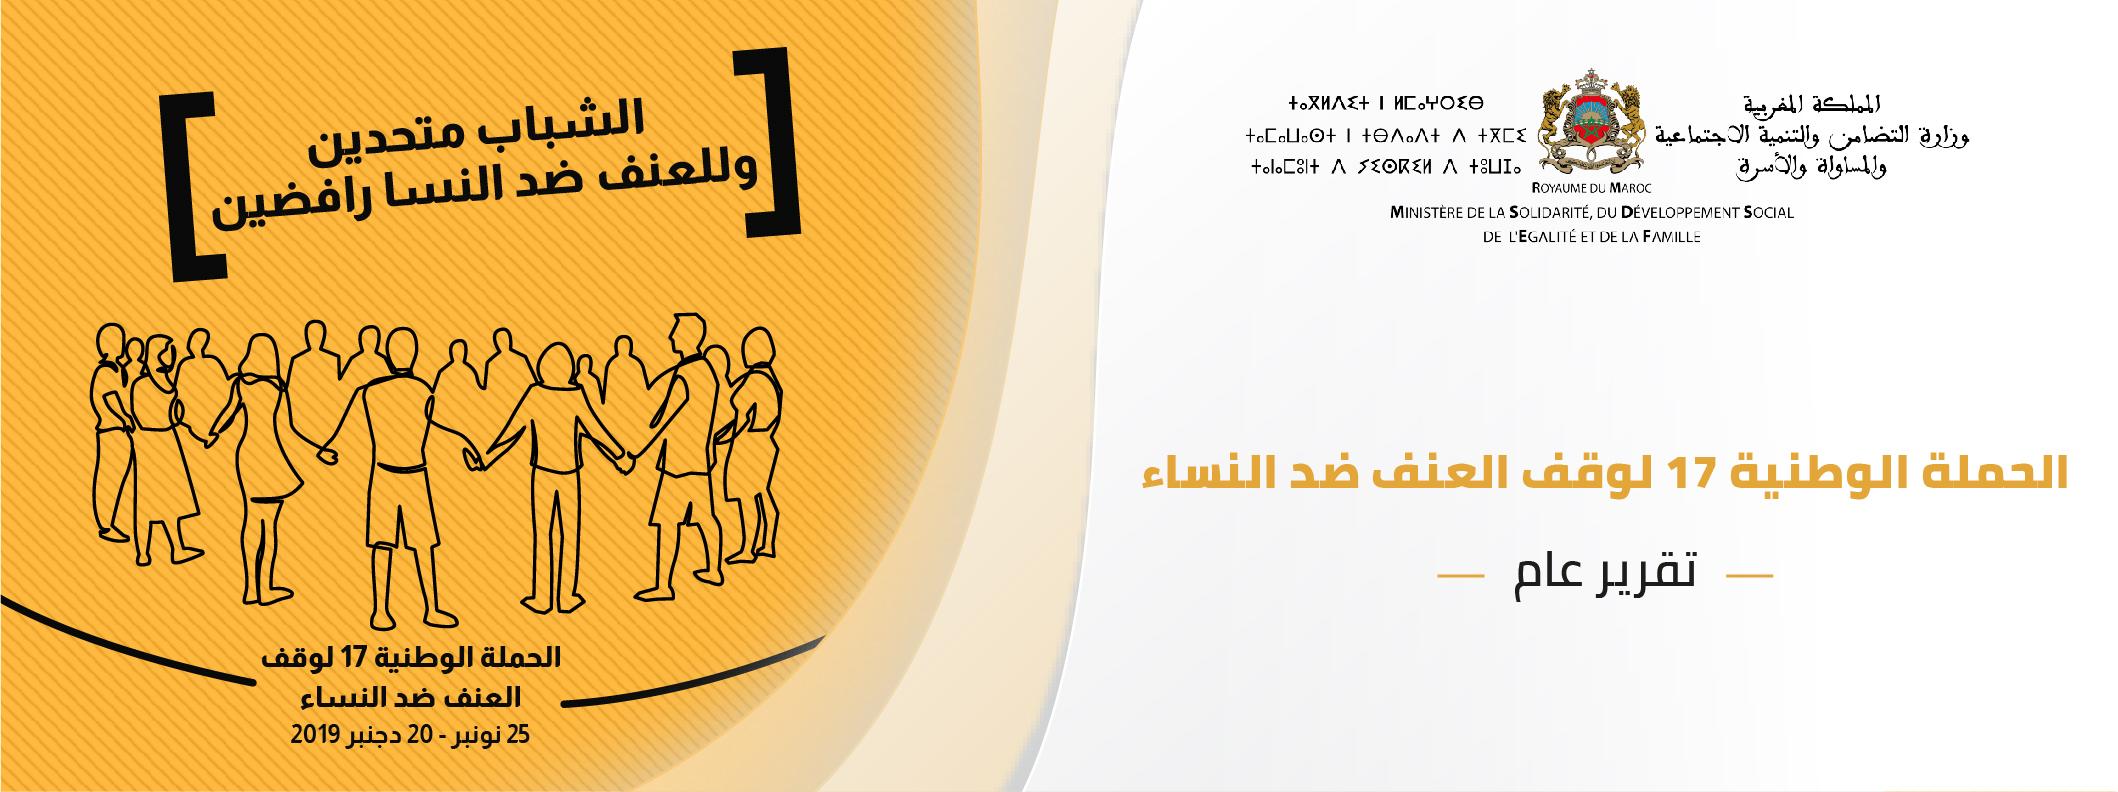 التقرير النهائي للحملة الوطنية السابعة عشر لوقف العنف ضد النساء 2c (1)